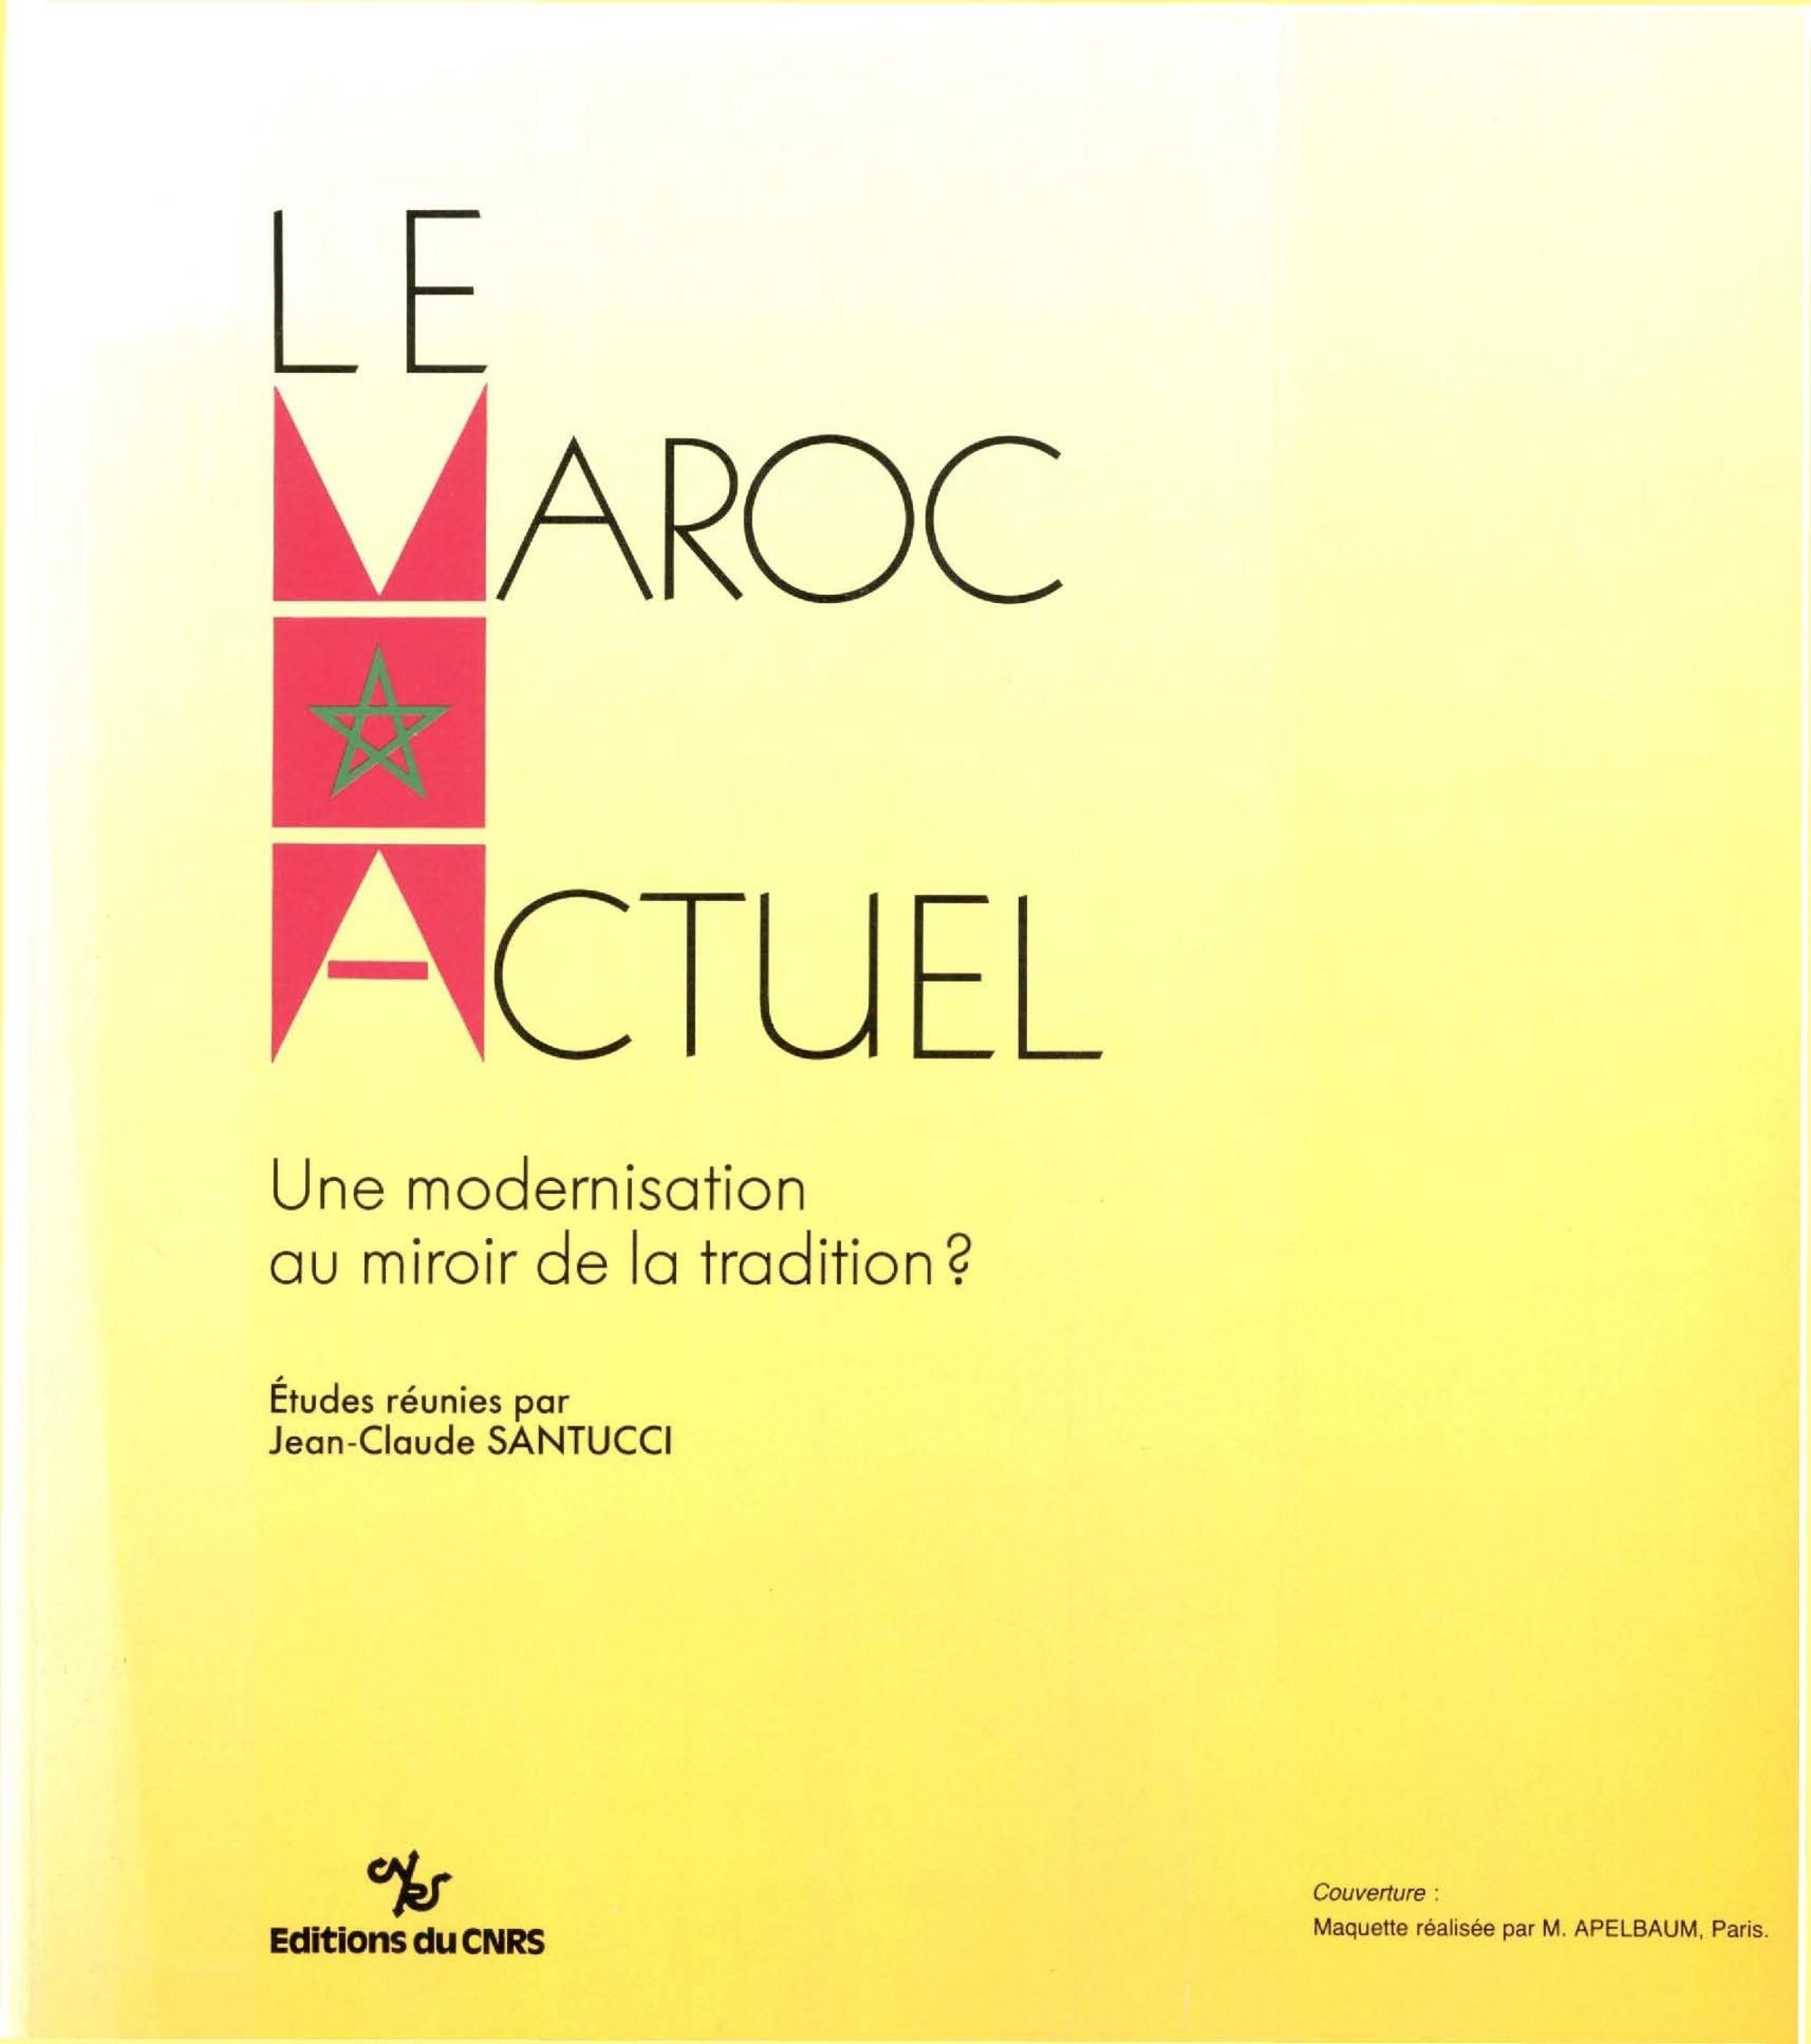 Le maroc actuel